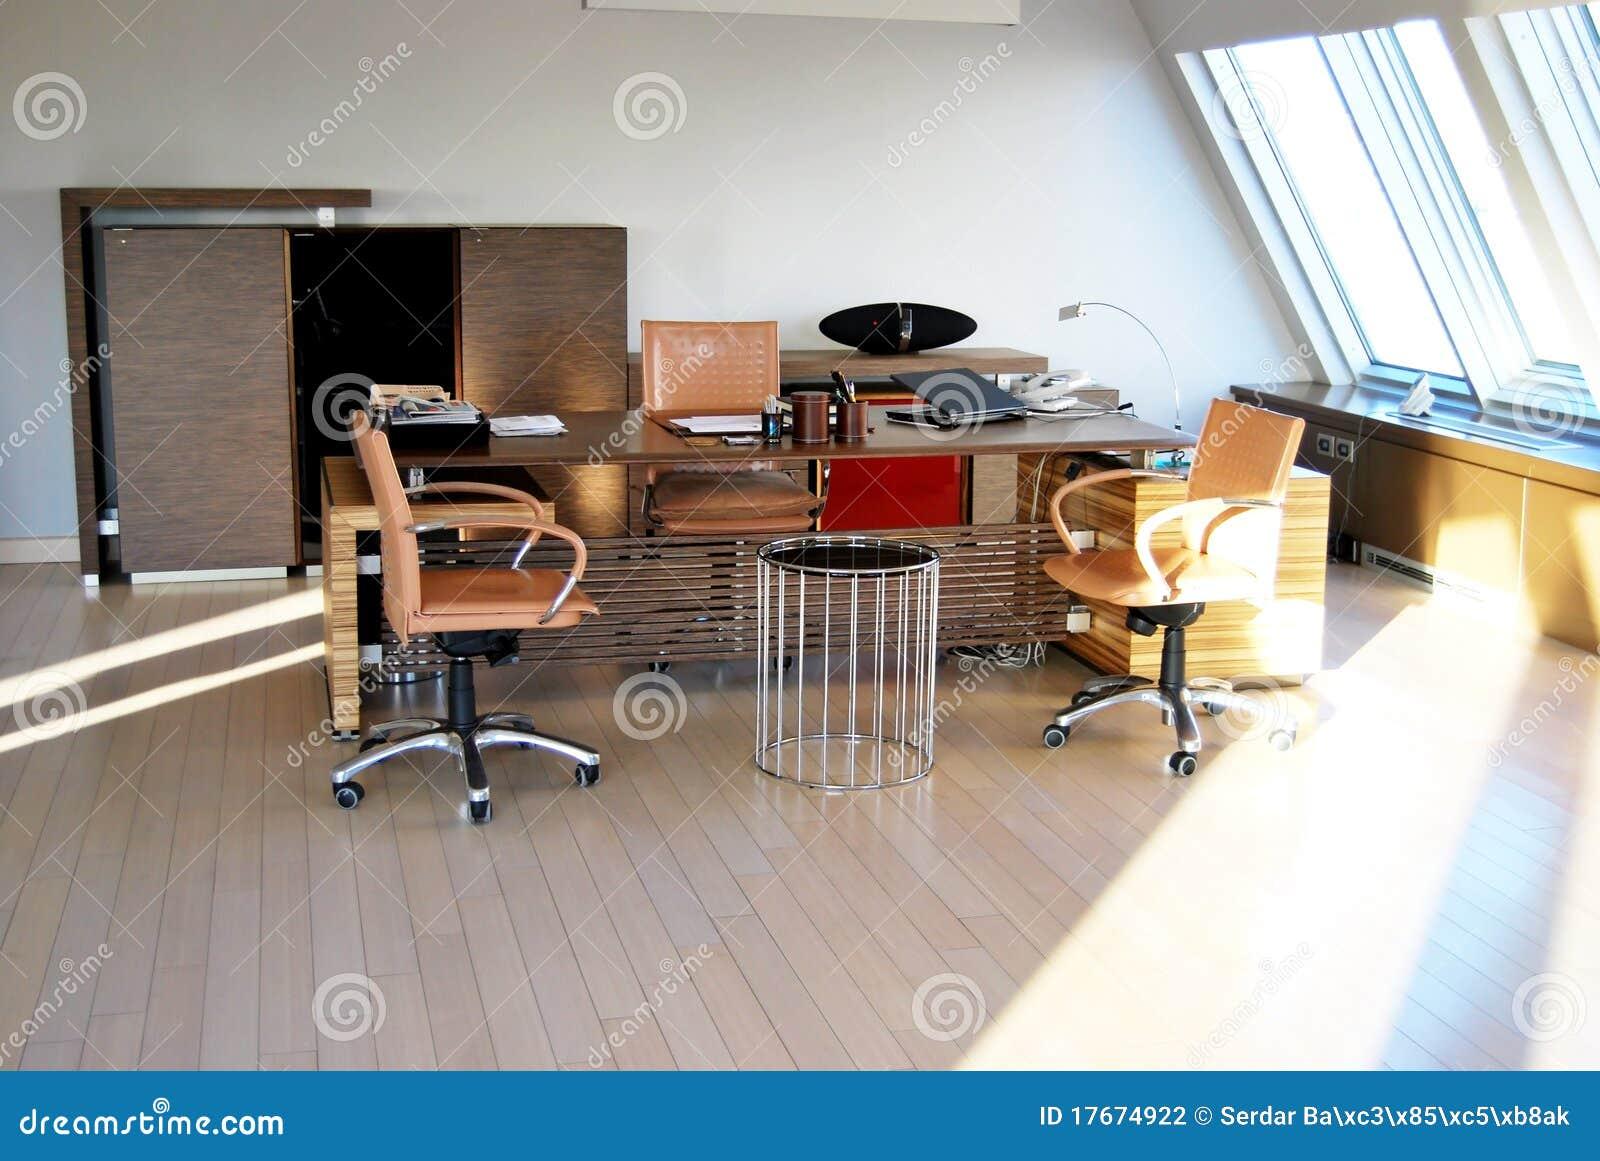 Table de gestionnaire